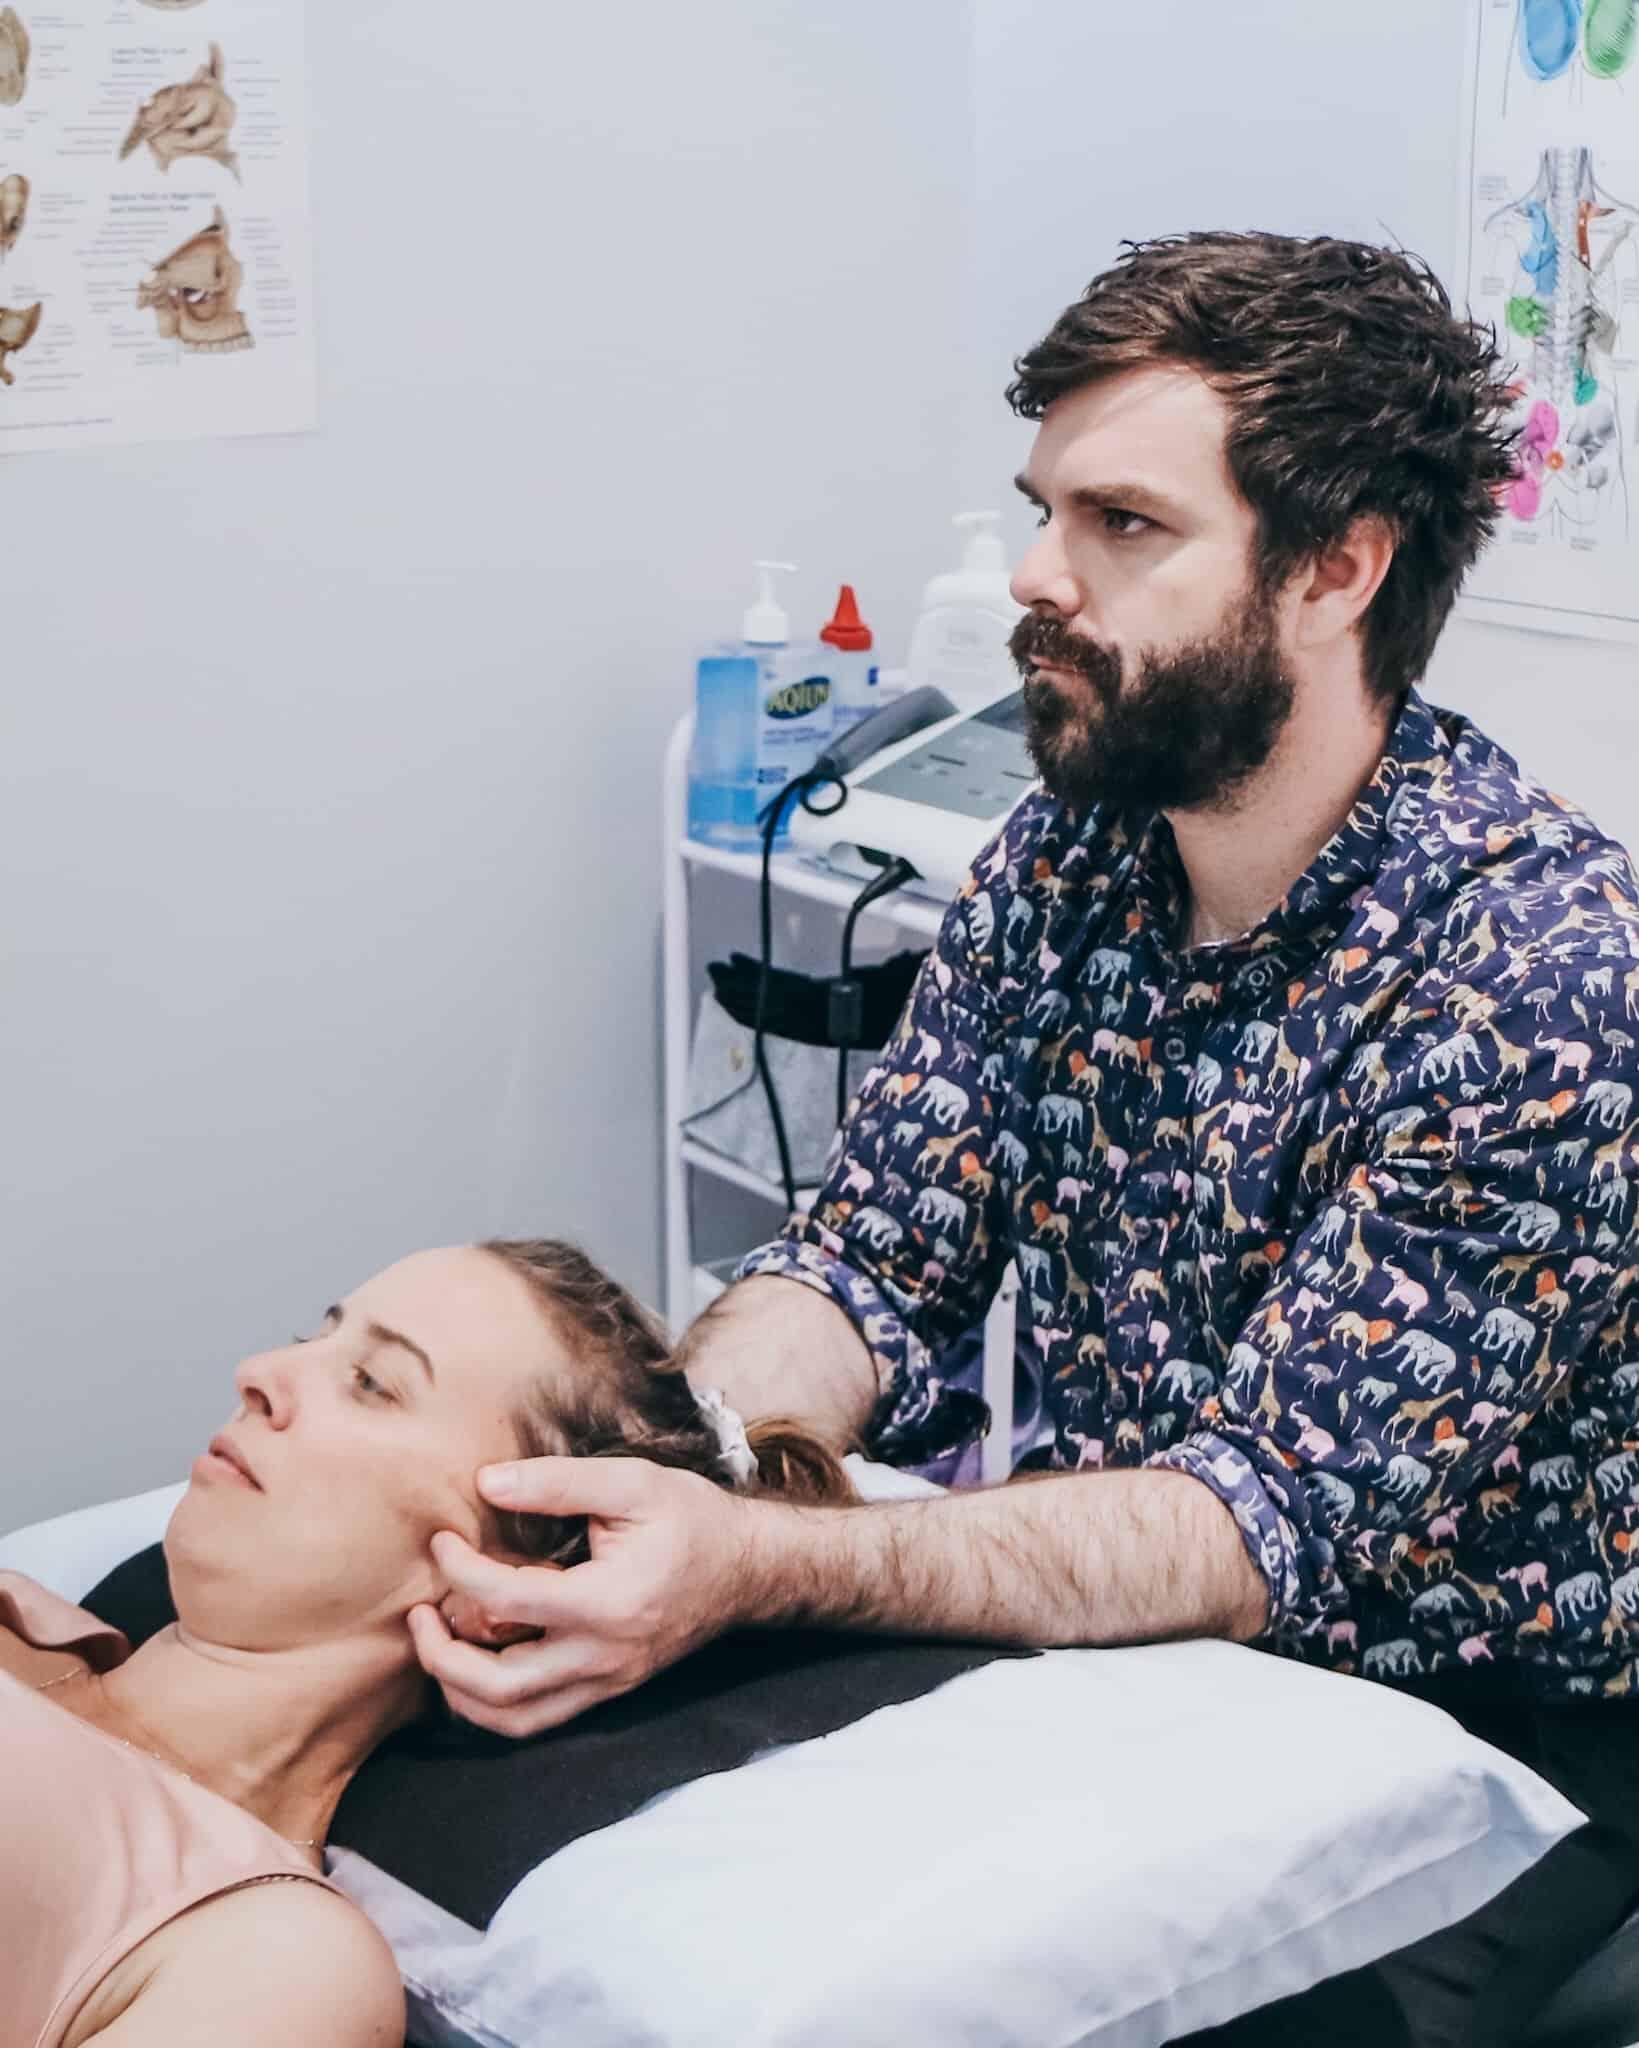 cranio sacral treatment | Dr Tristan Joss